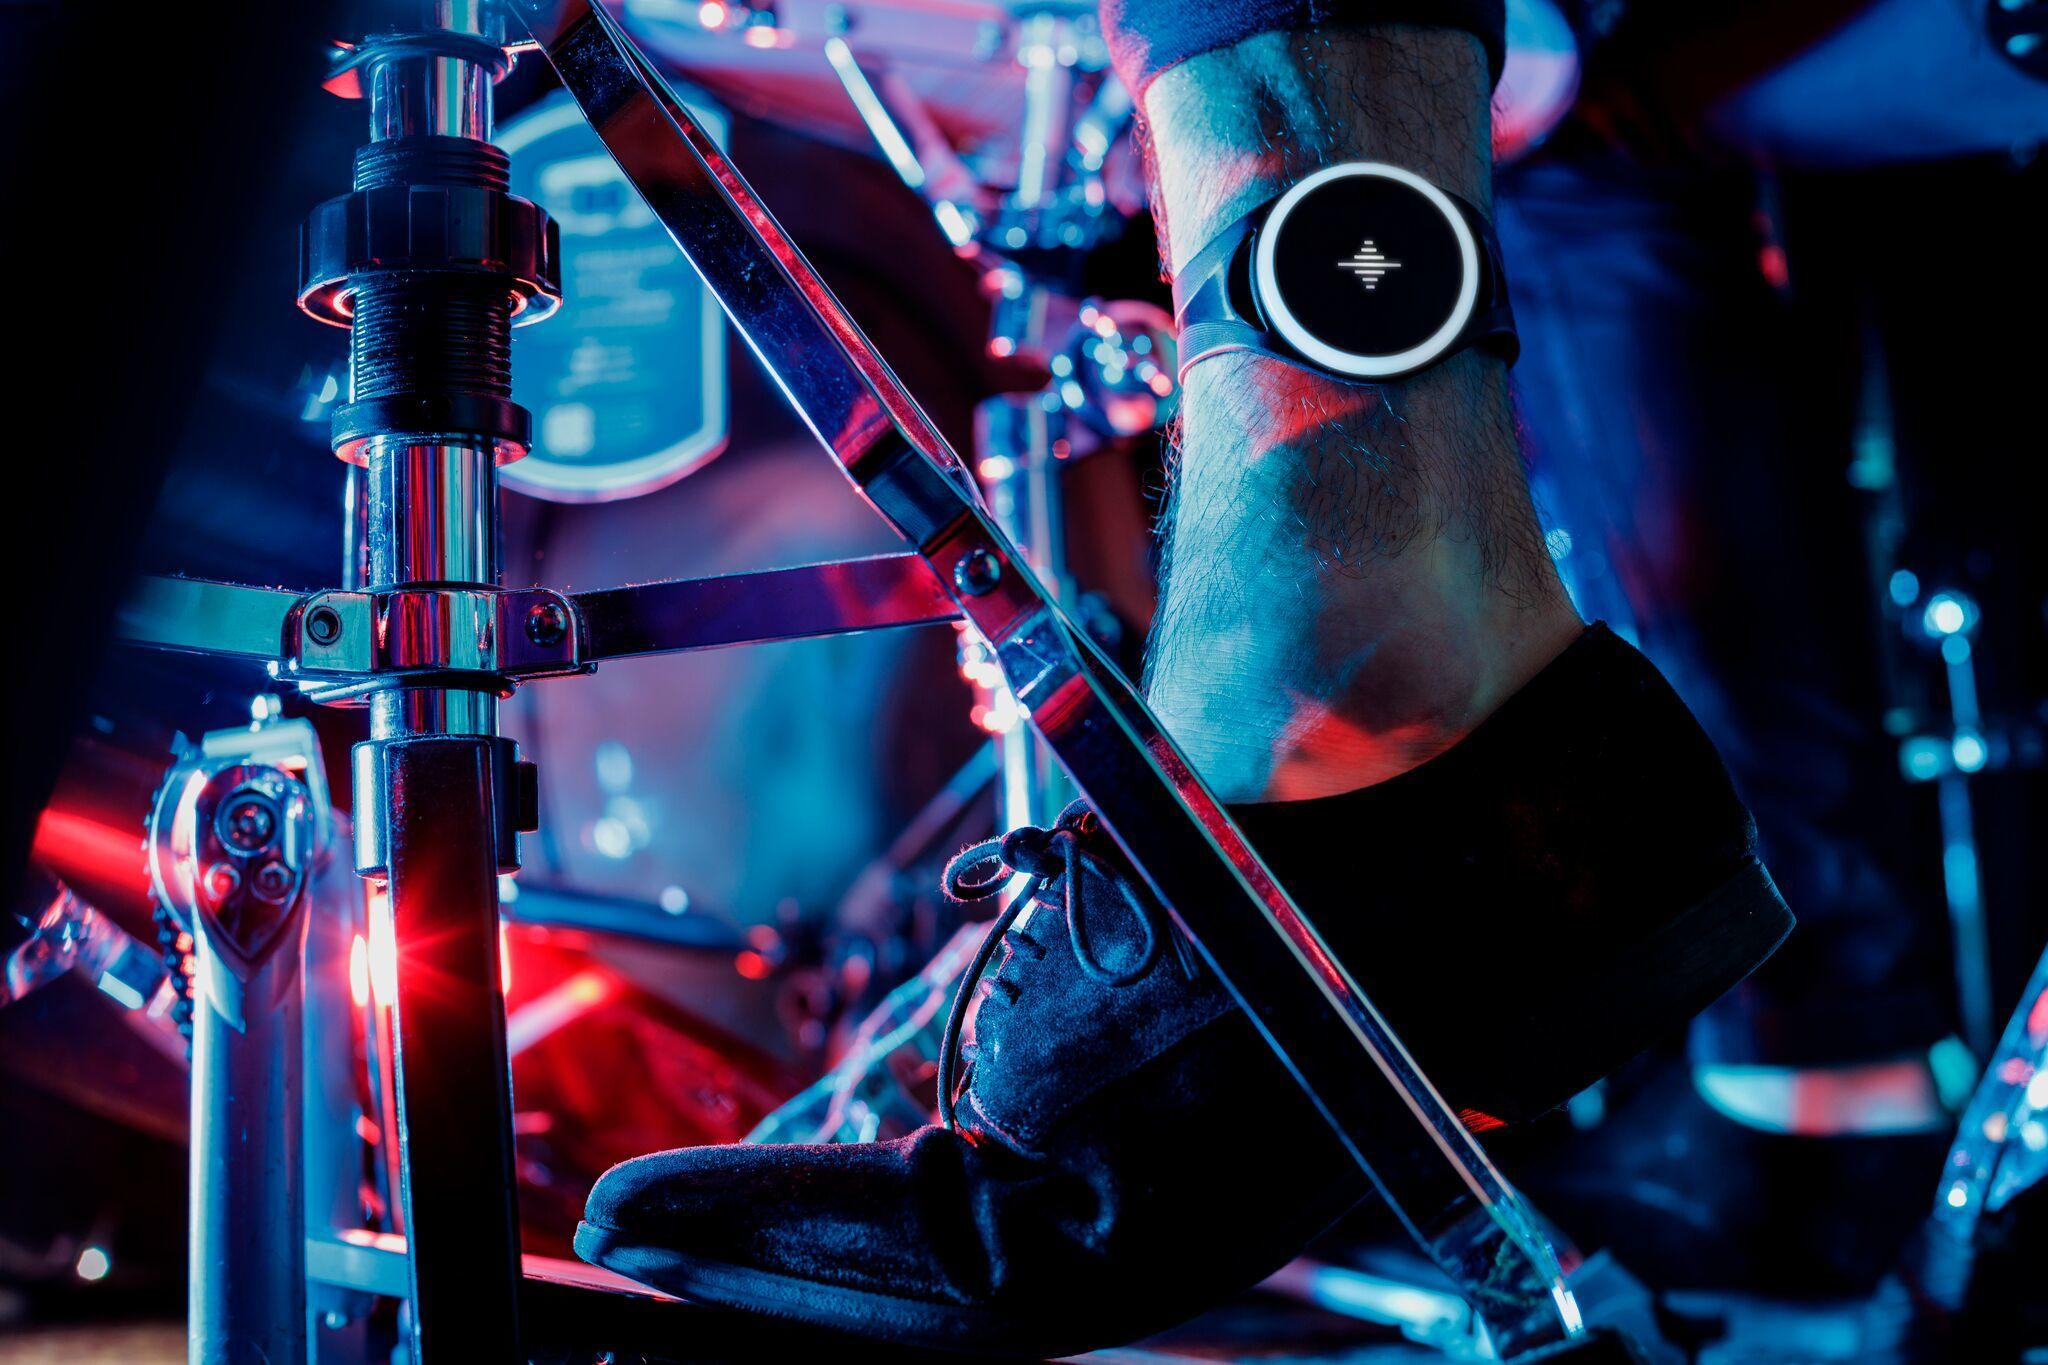 为音乐家设计可穿戴节拍器,Soundbrenner获150万美元种子轮融资